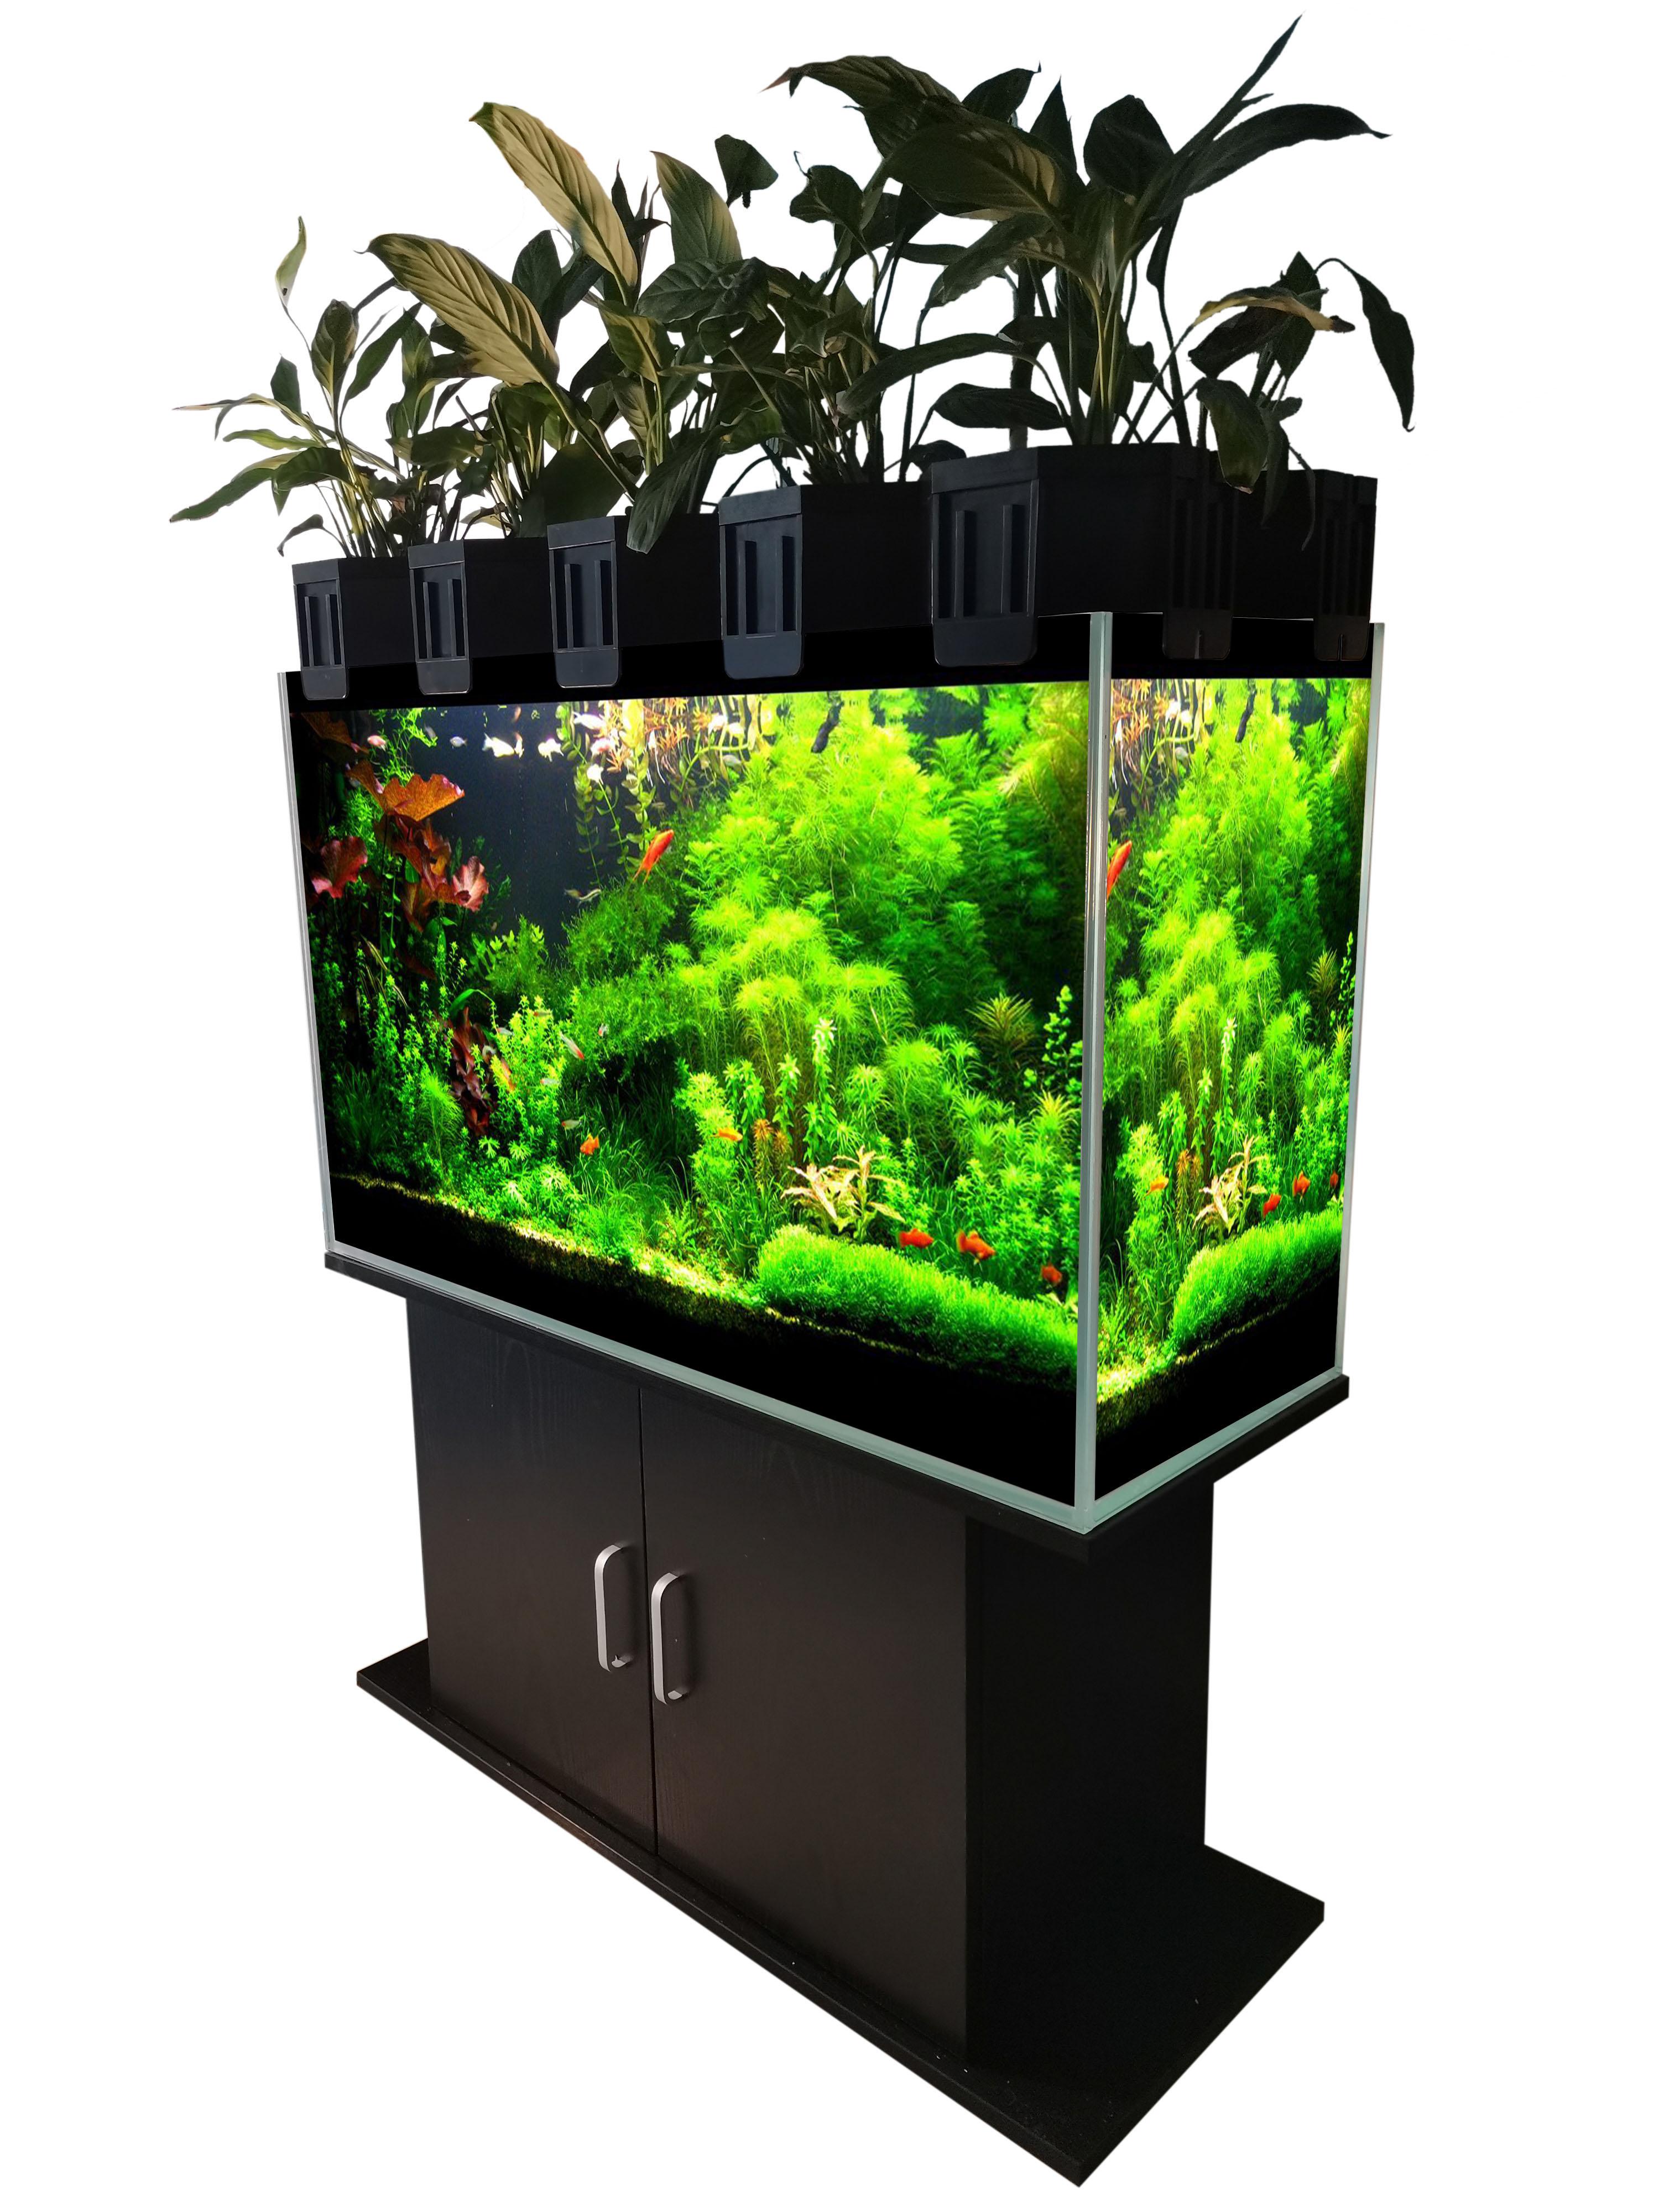 New design aquaponic aquarium system for home